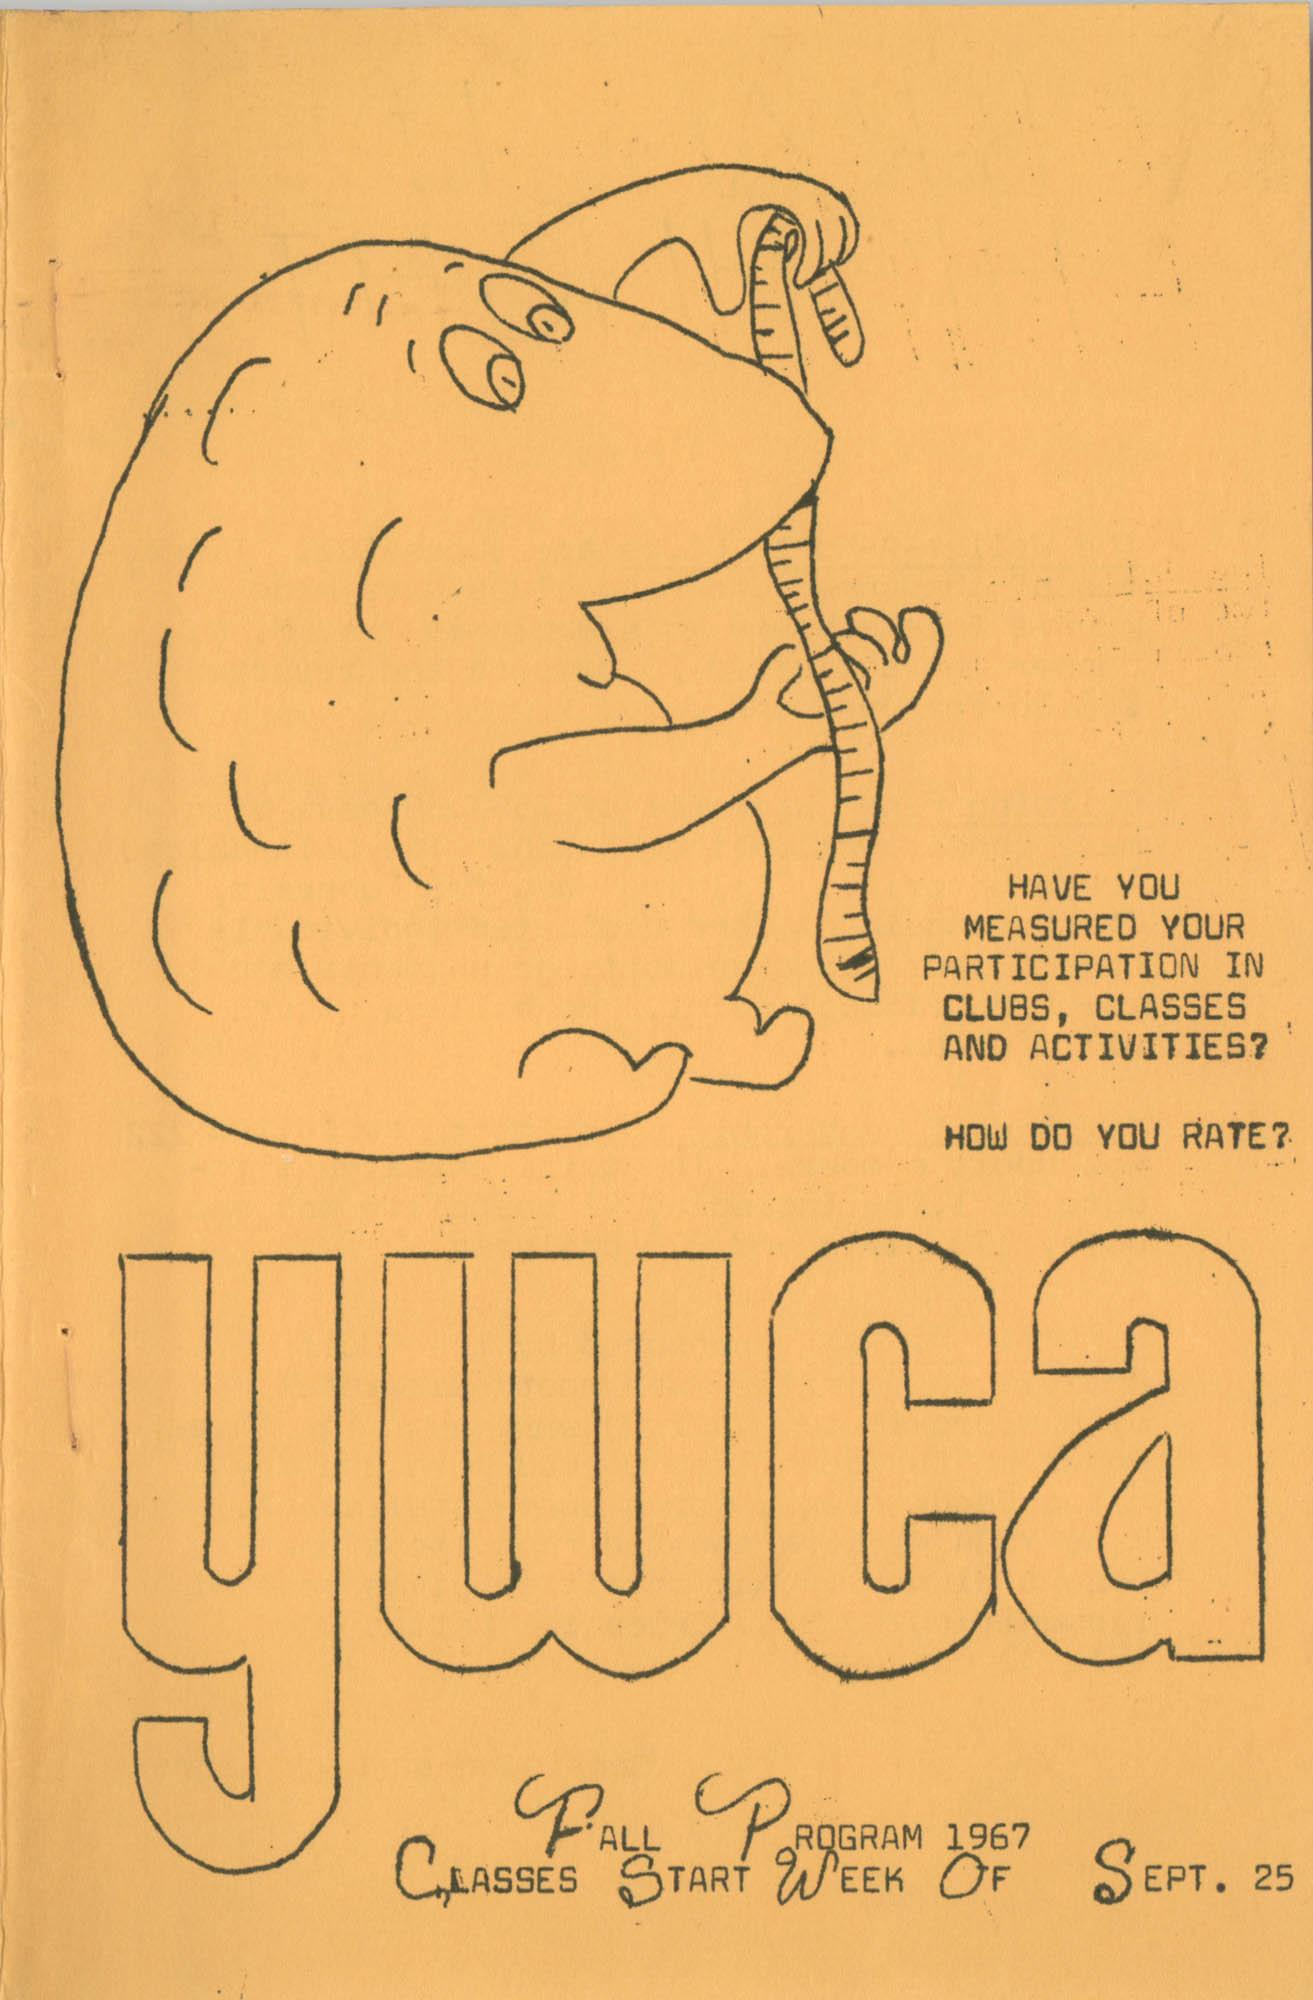 Coming Street Y.W.C.A. Fall Program, 1967